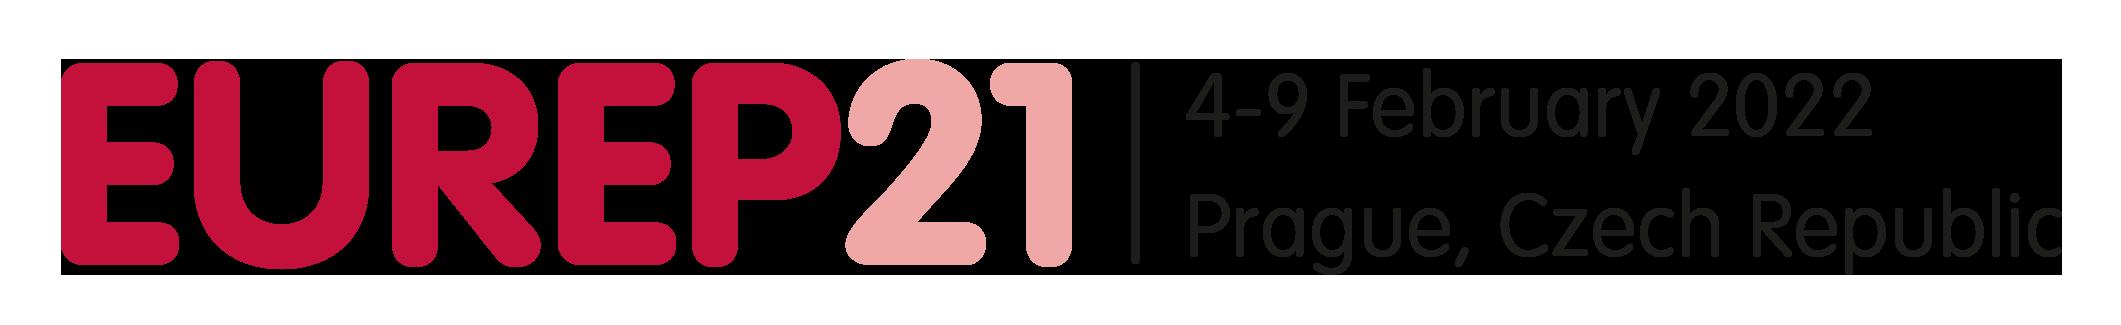 EUREP21